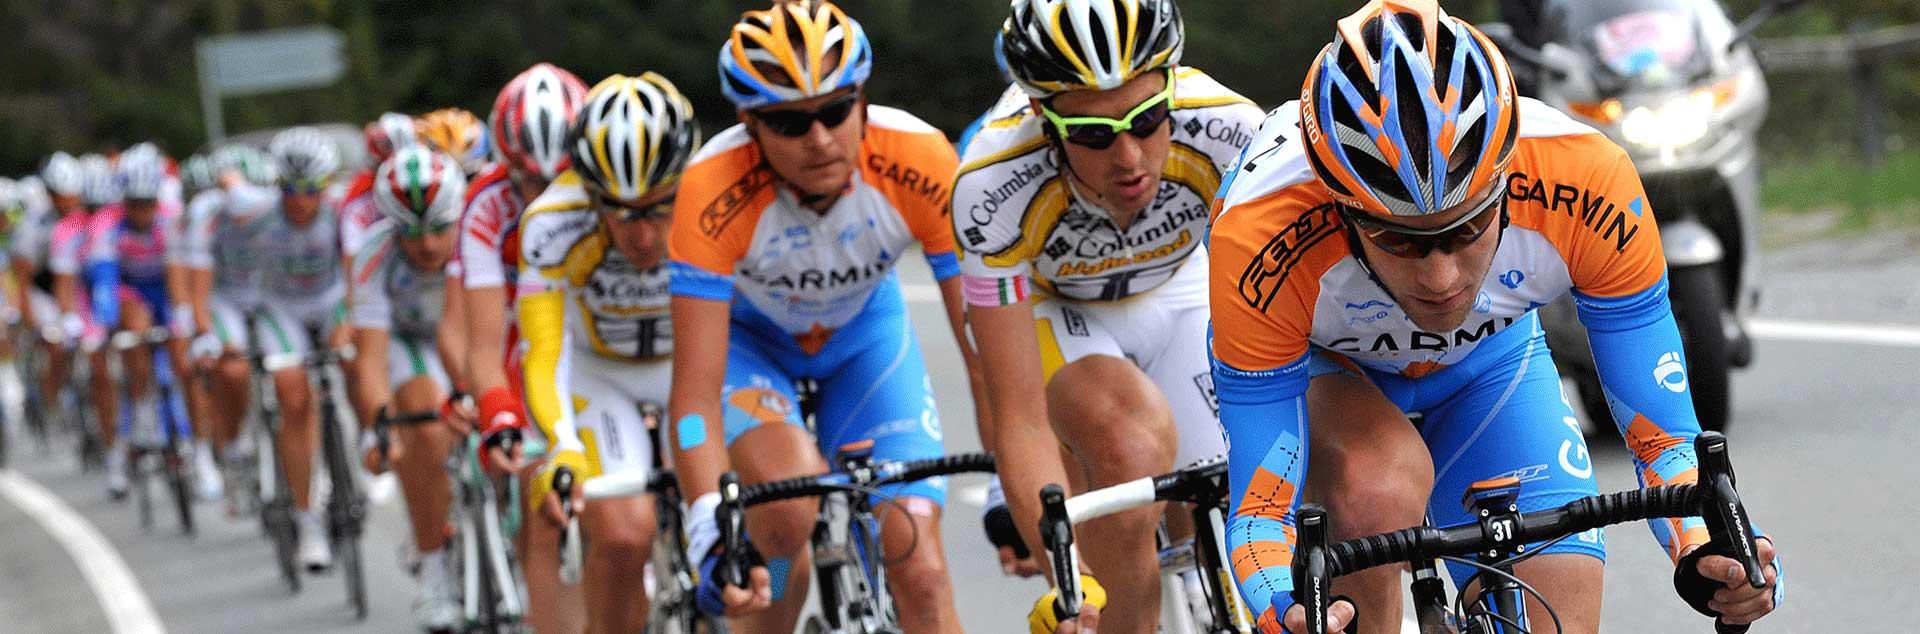 Cycle Training Program UK